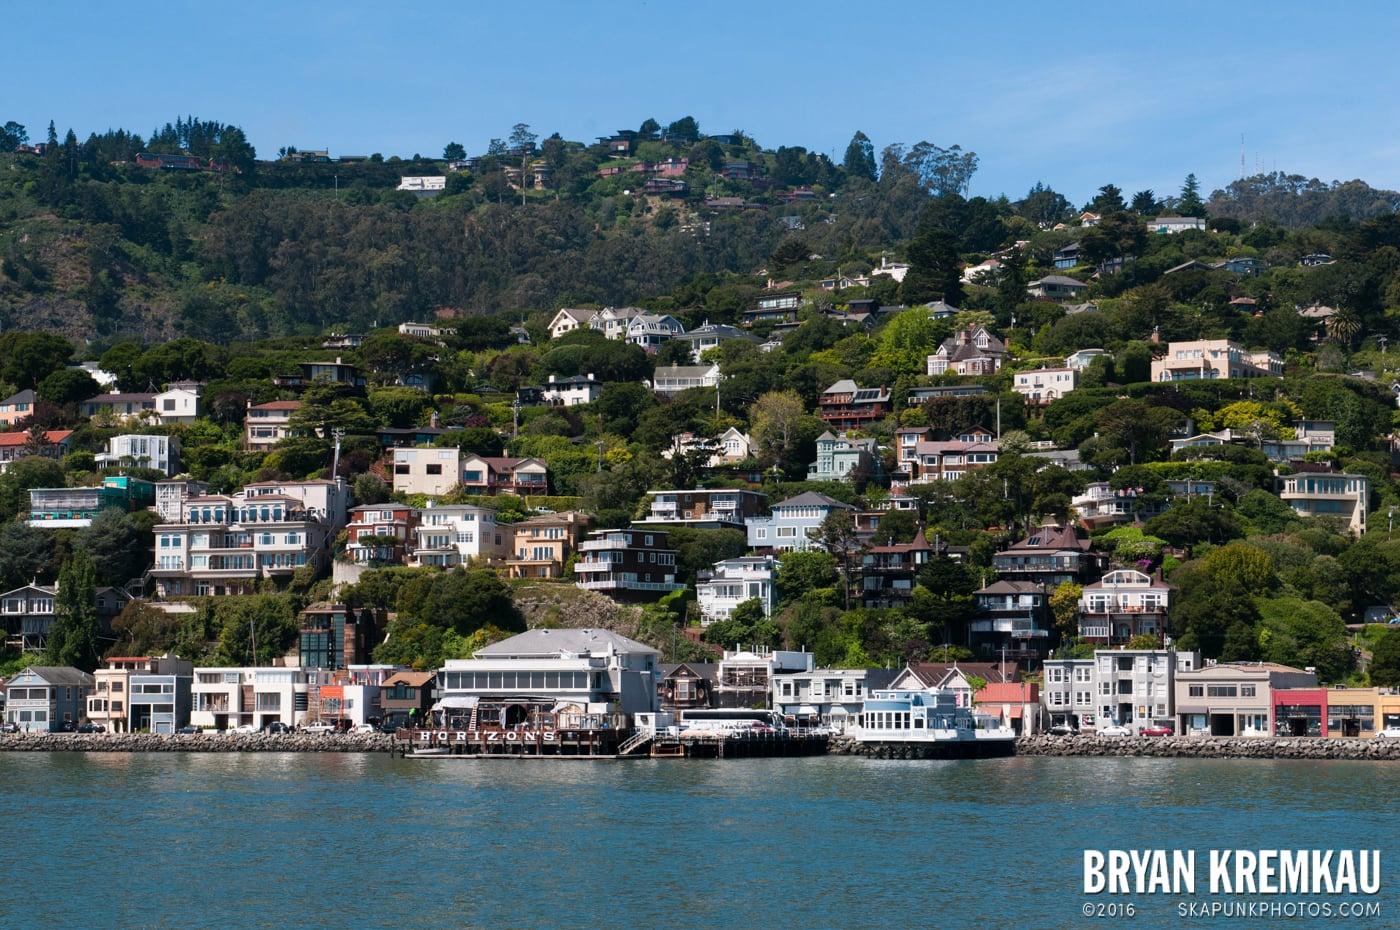 San Francisco Vacation - Day 3 - 4.30.12 (82)